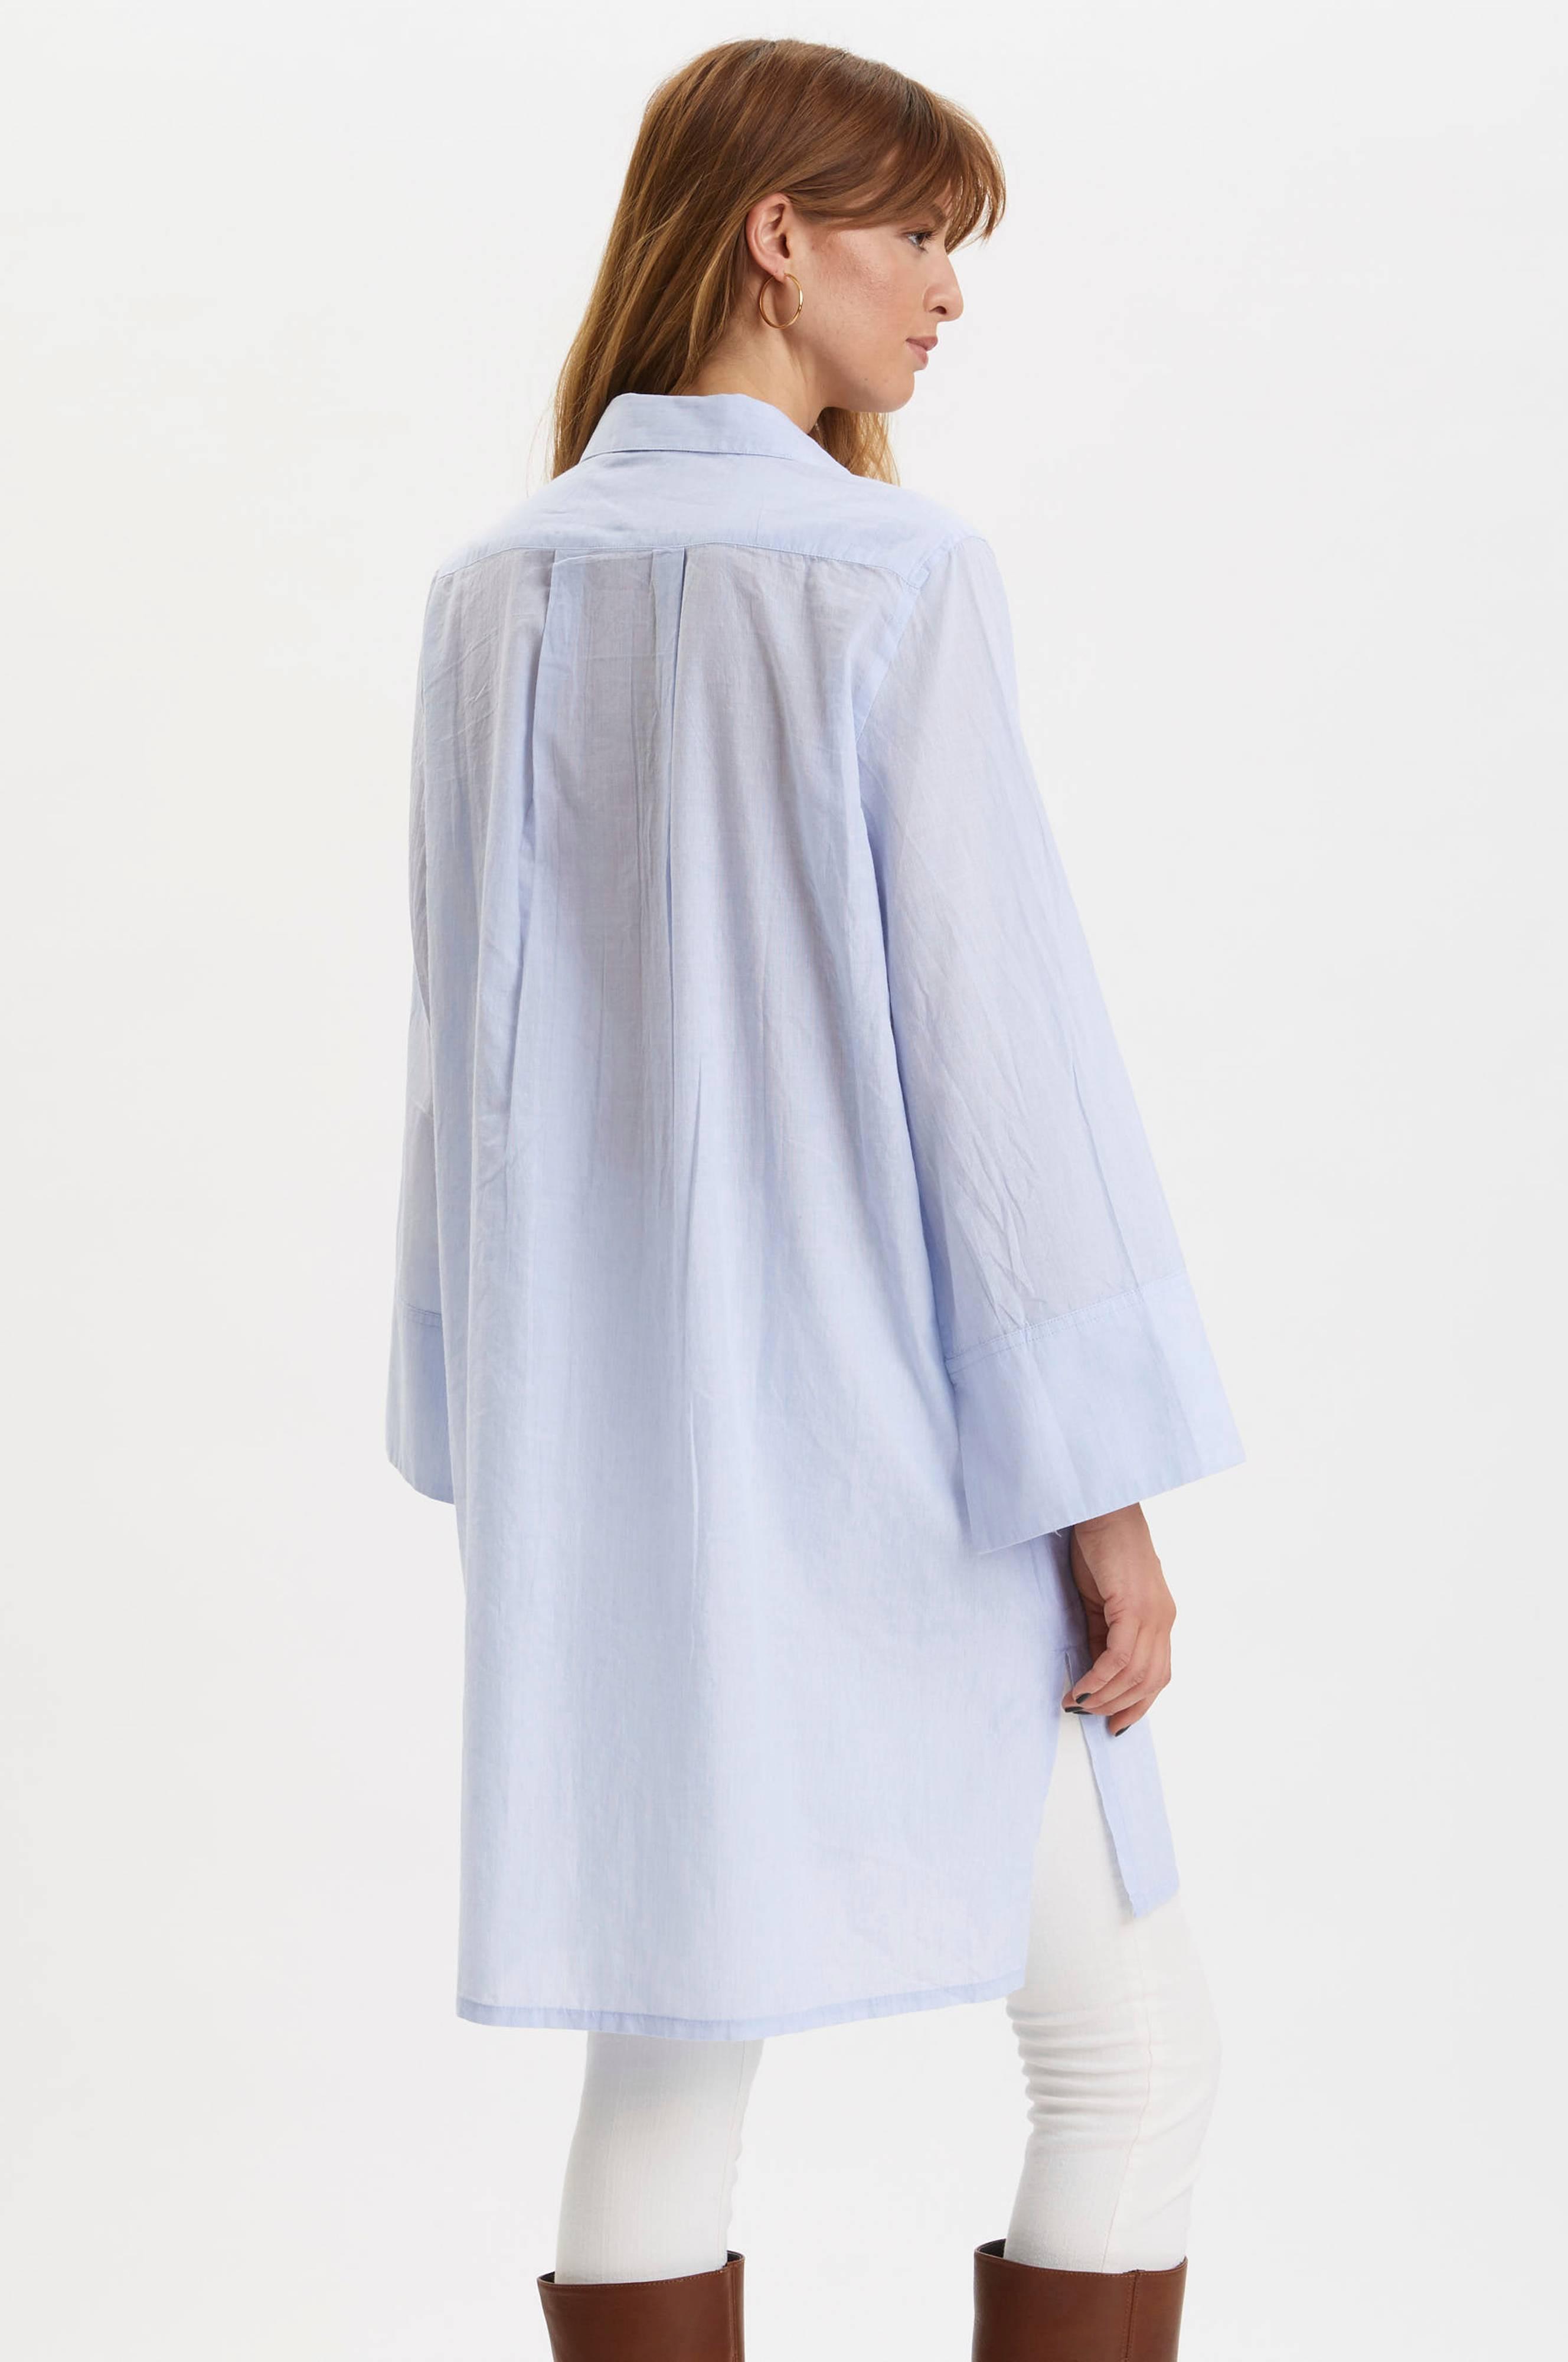 Odd Molly Langskjorte Electrifying Long Shirt Blå